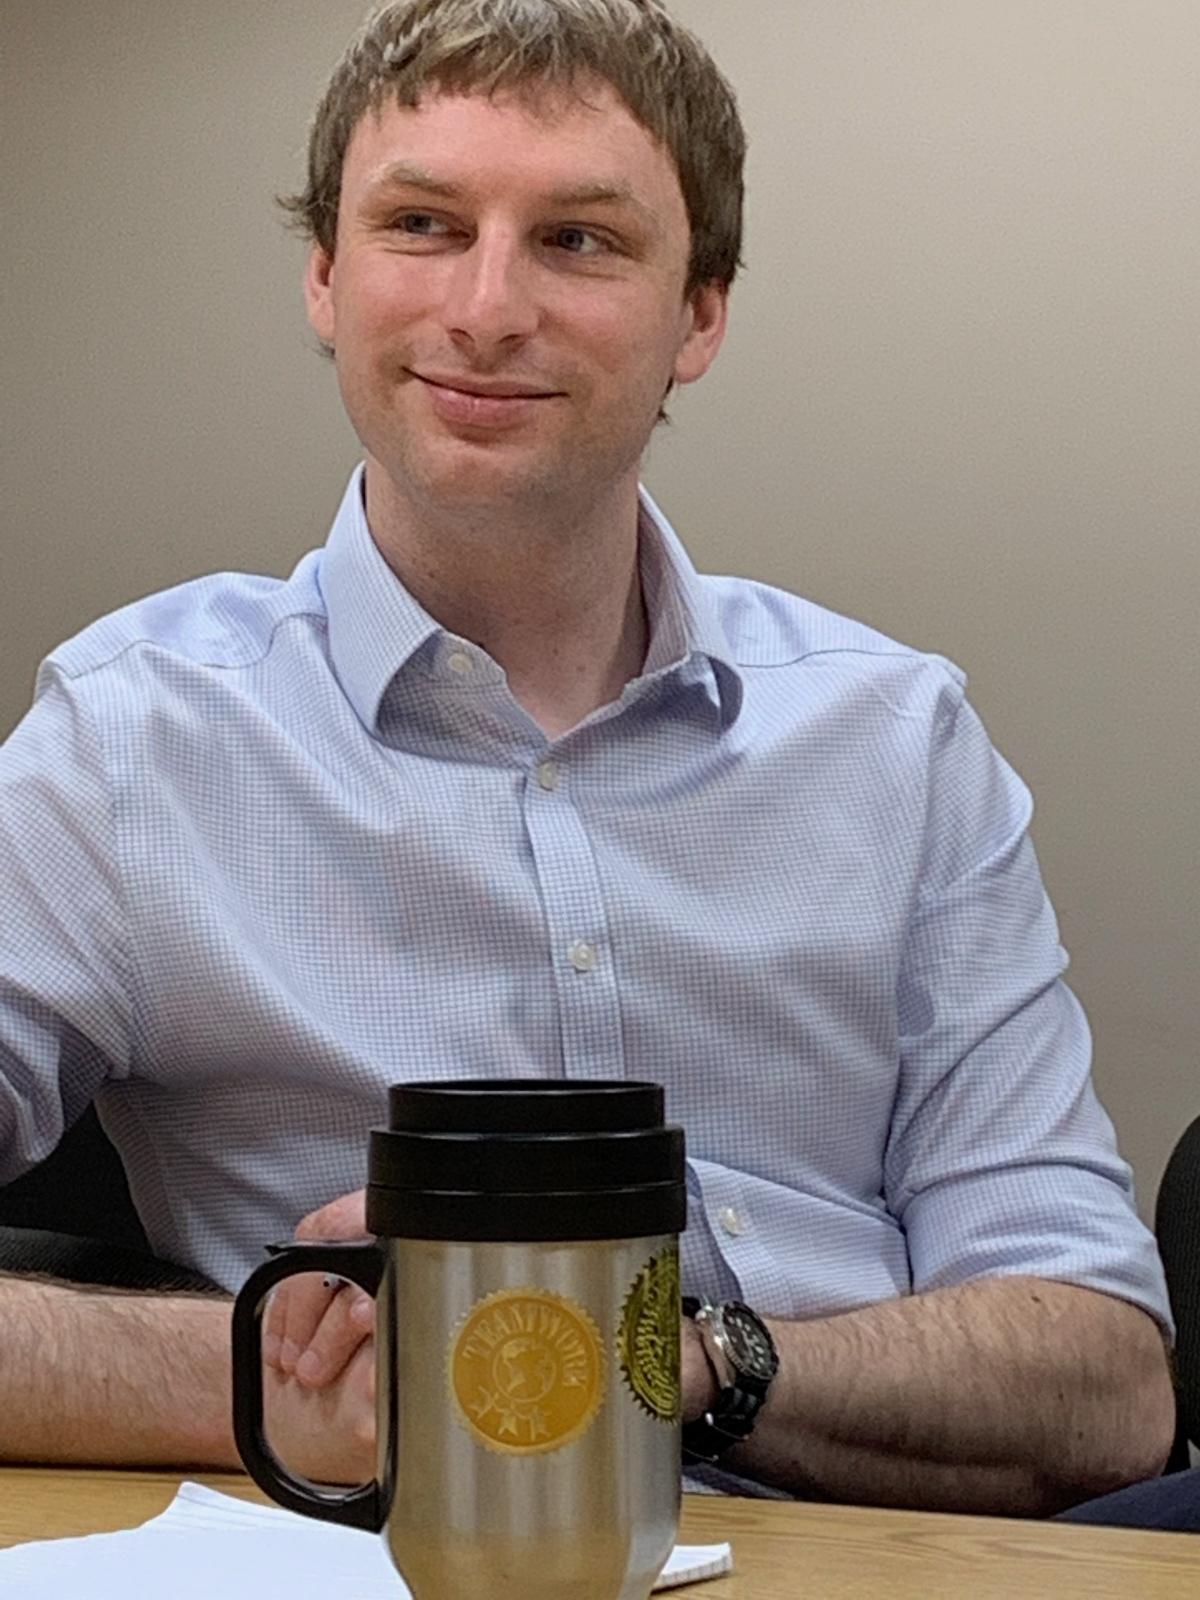 Chad Dzingleski